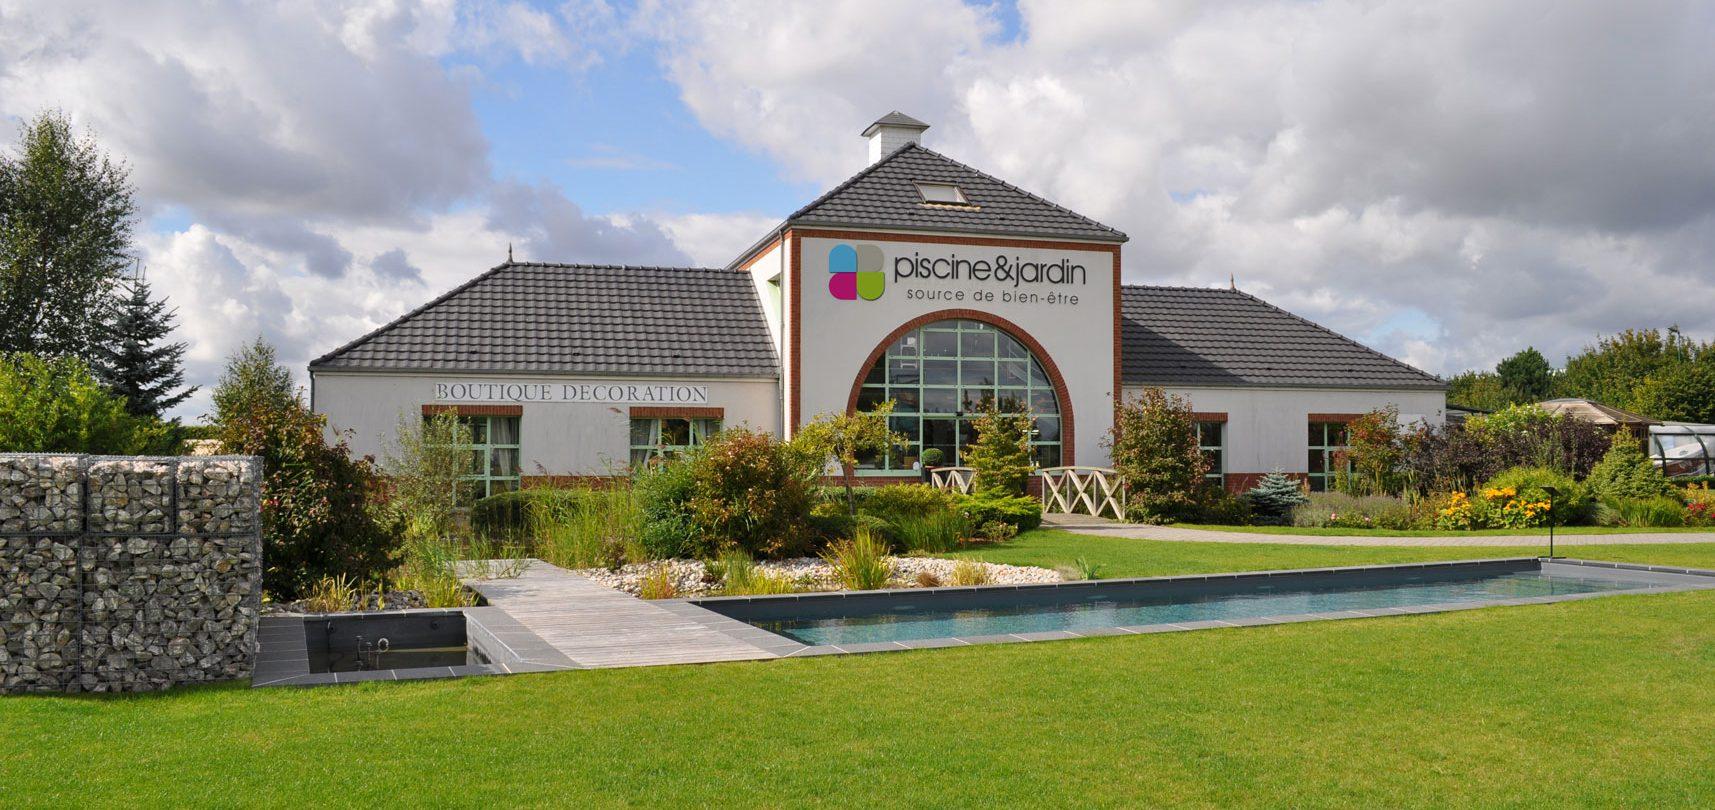 piscine et jardin arras constructeur piscine arrageois